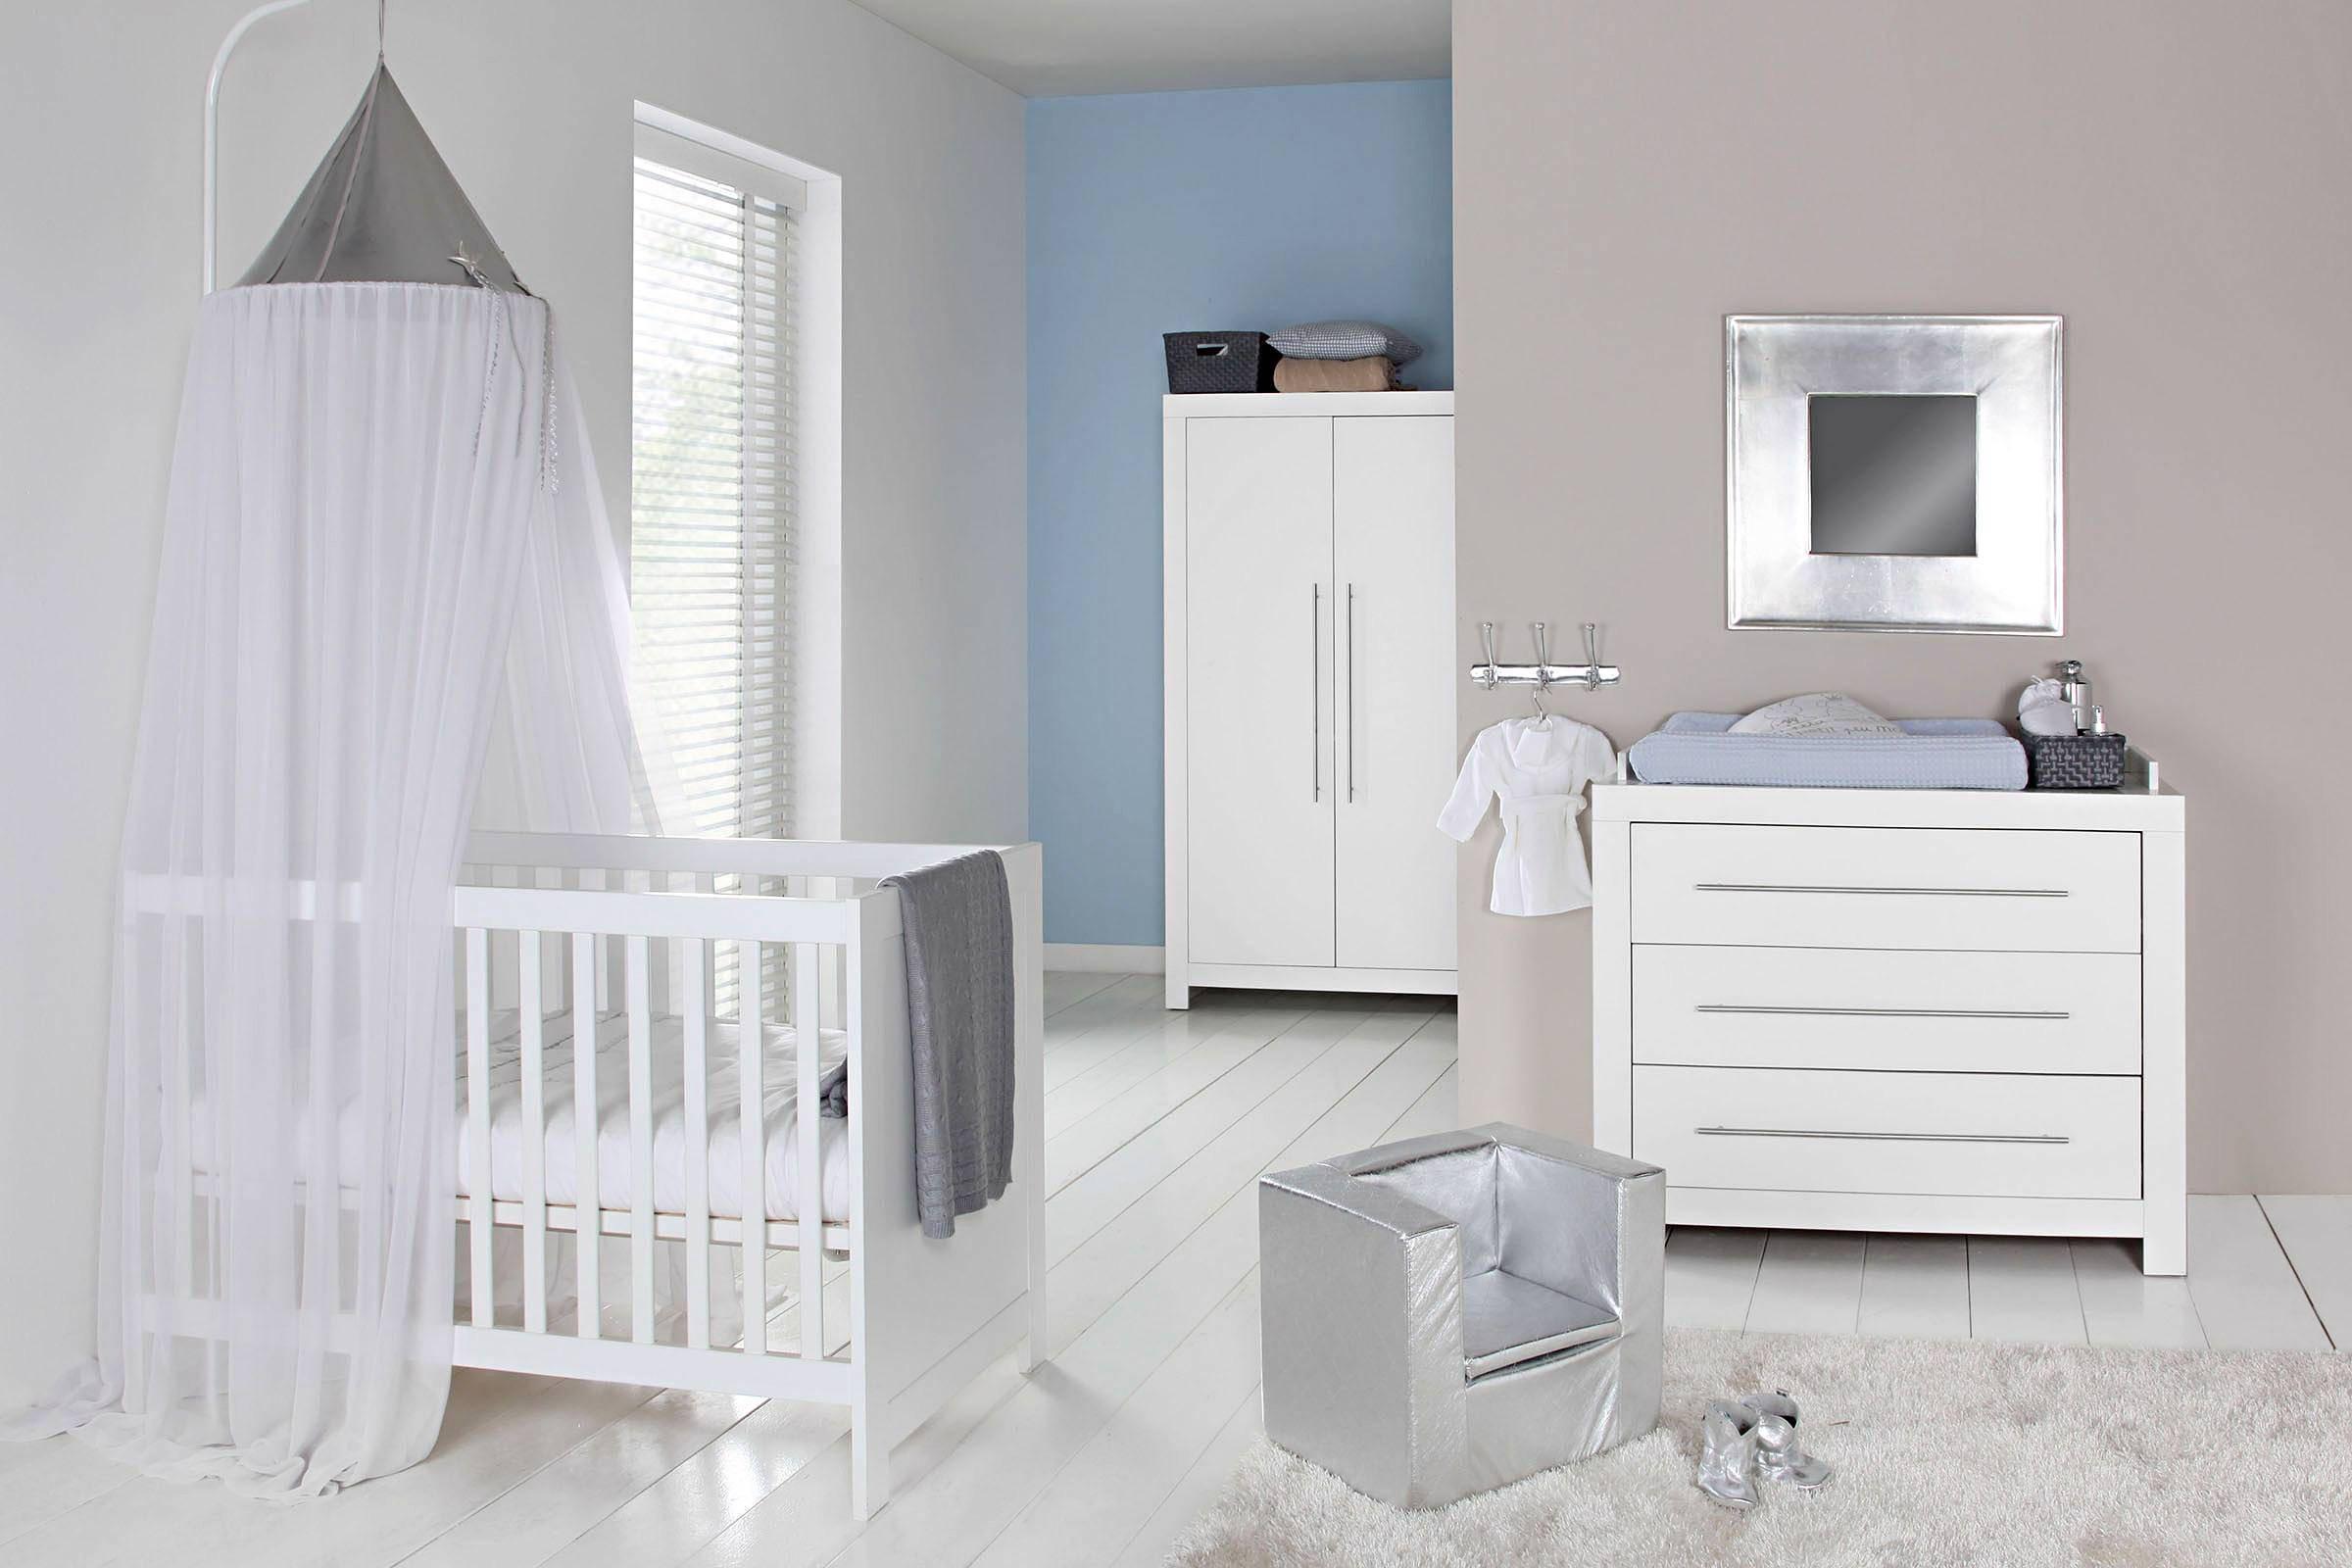 Kinderkamer Leuke Accessoires : Kinderkamer accessoires beautiful accessoires slaapkamer